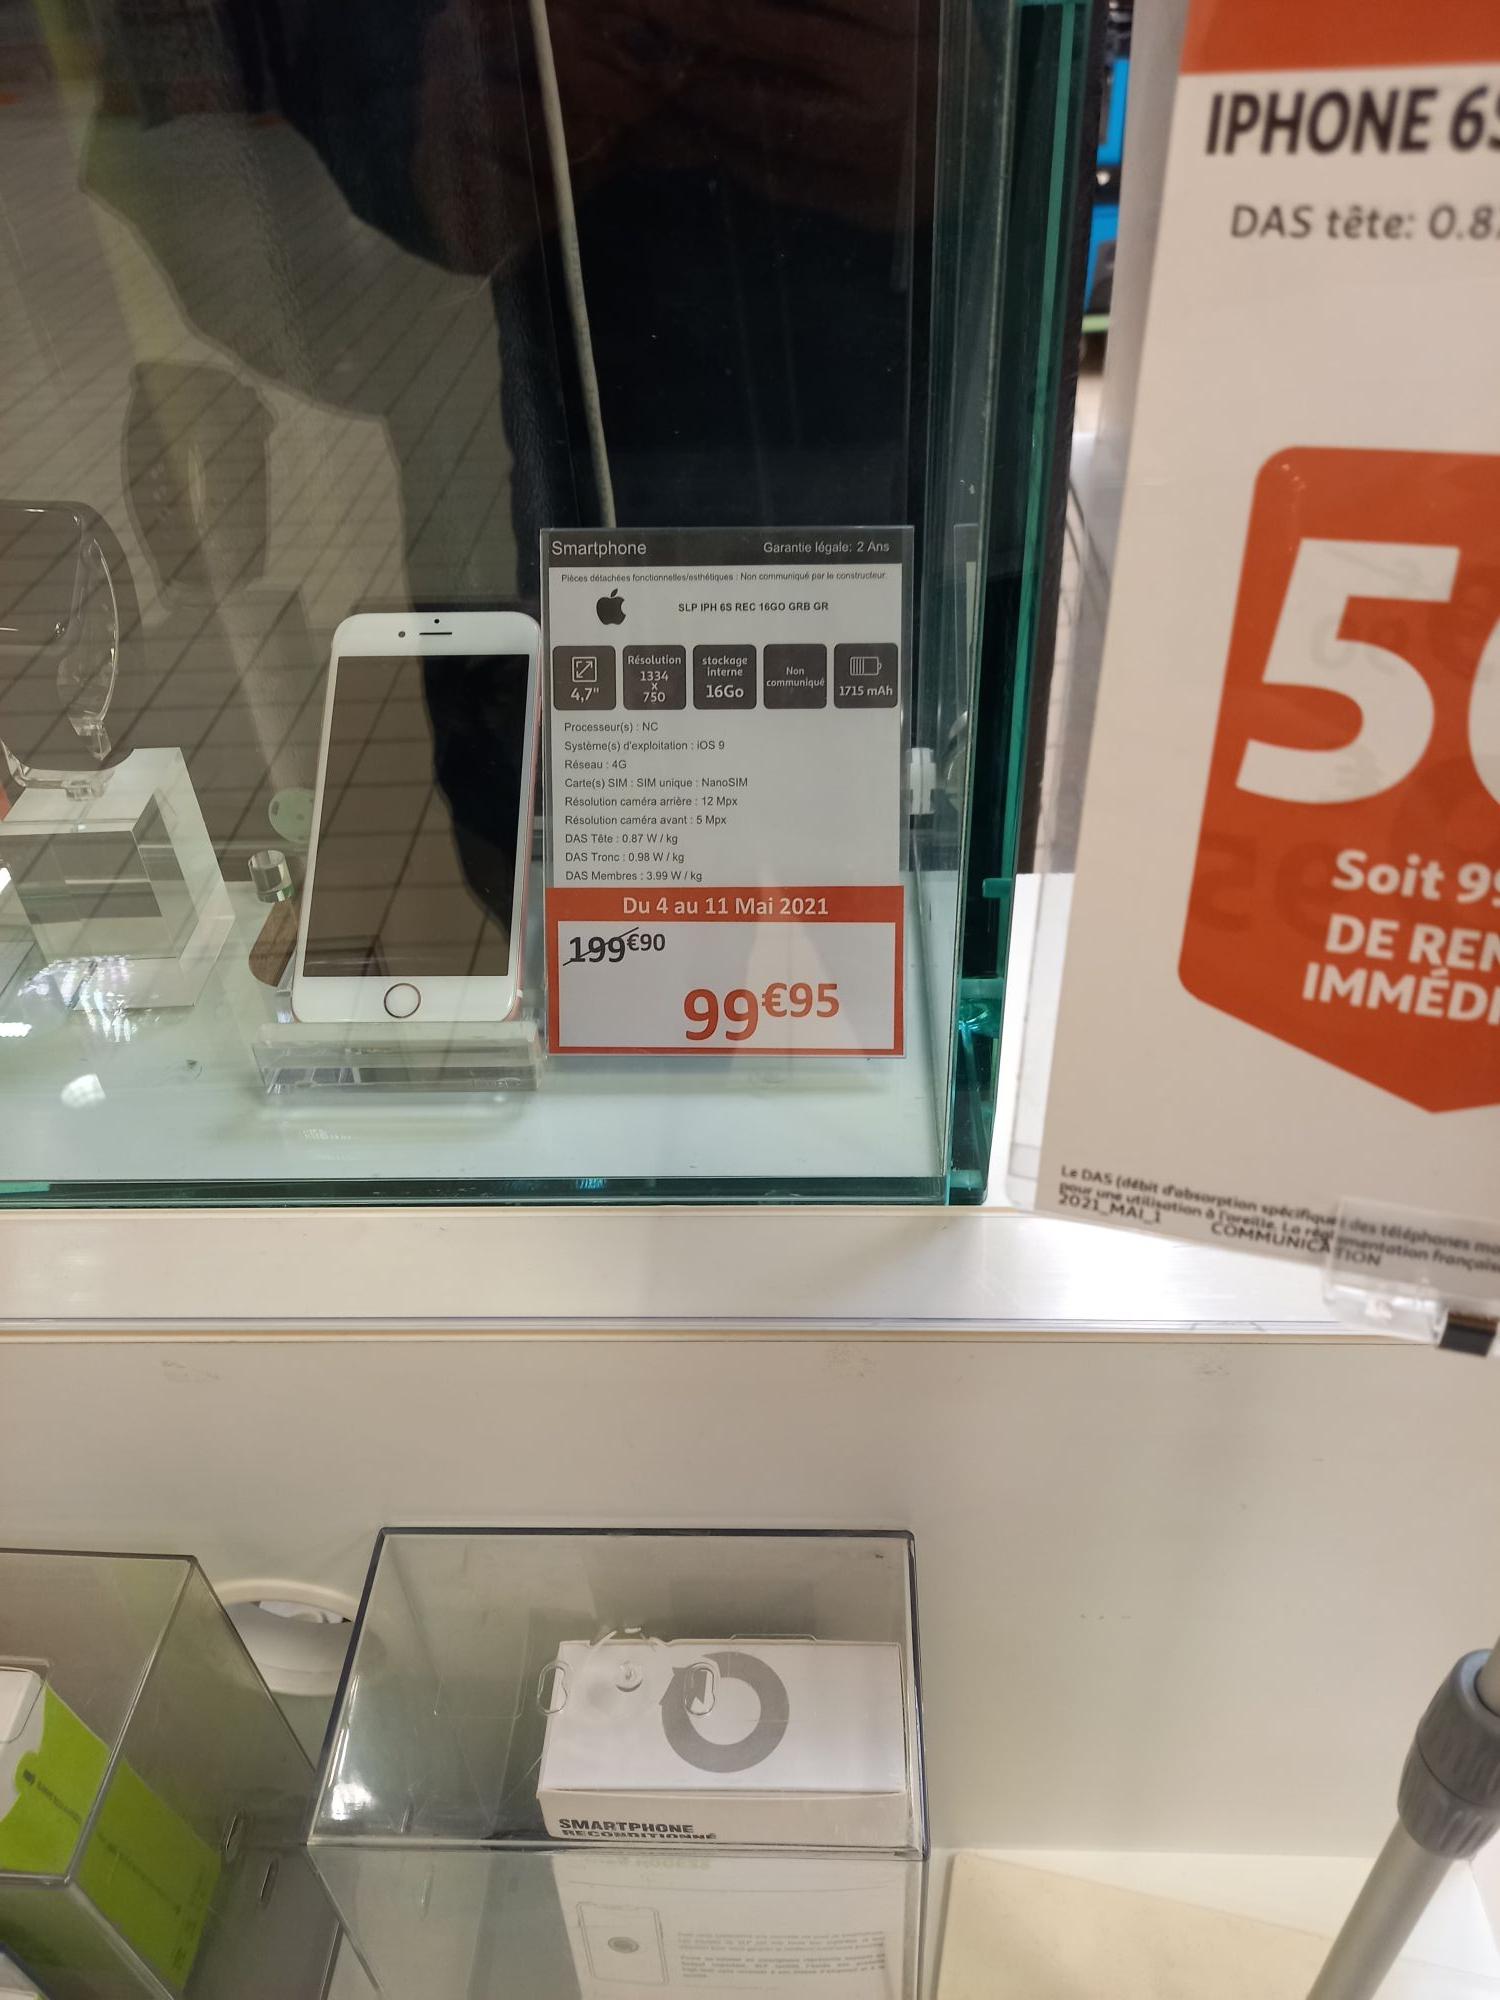 """Smartphone 4.7"""" Apple iPhone 6S - 16Go (Reconditionné) - Nantes St-Sébastien (44)"""